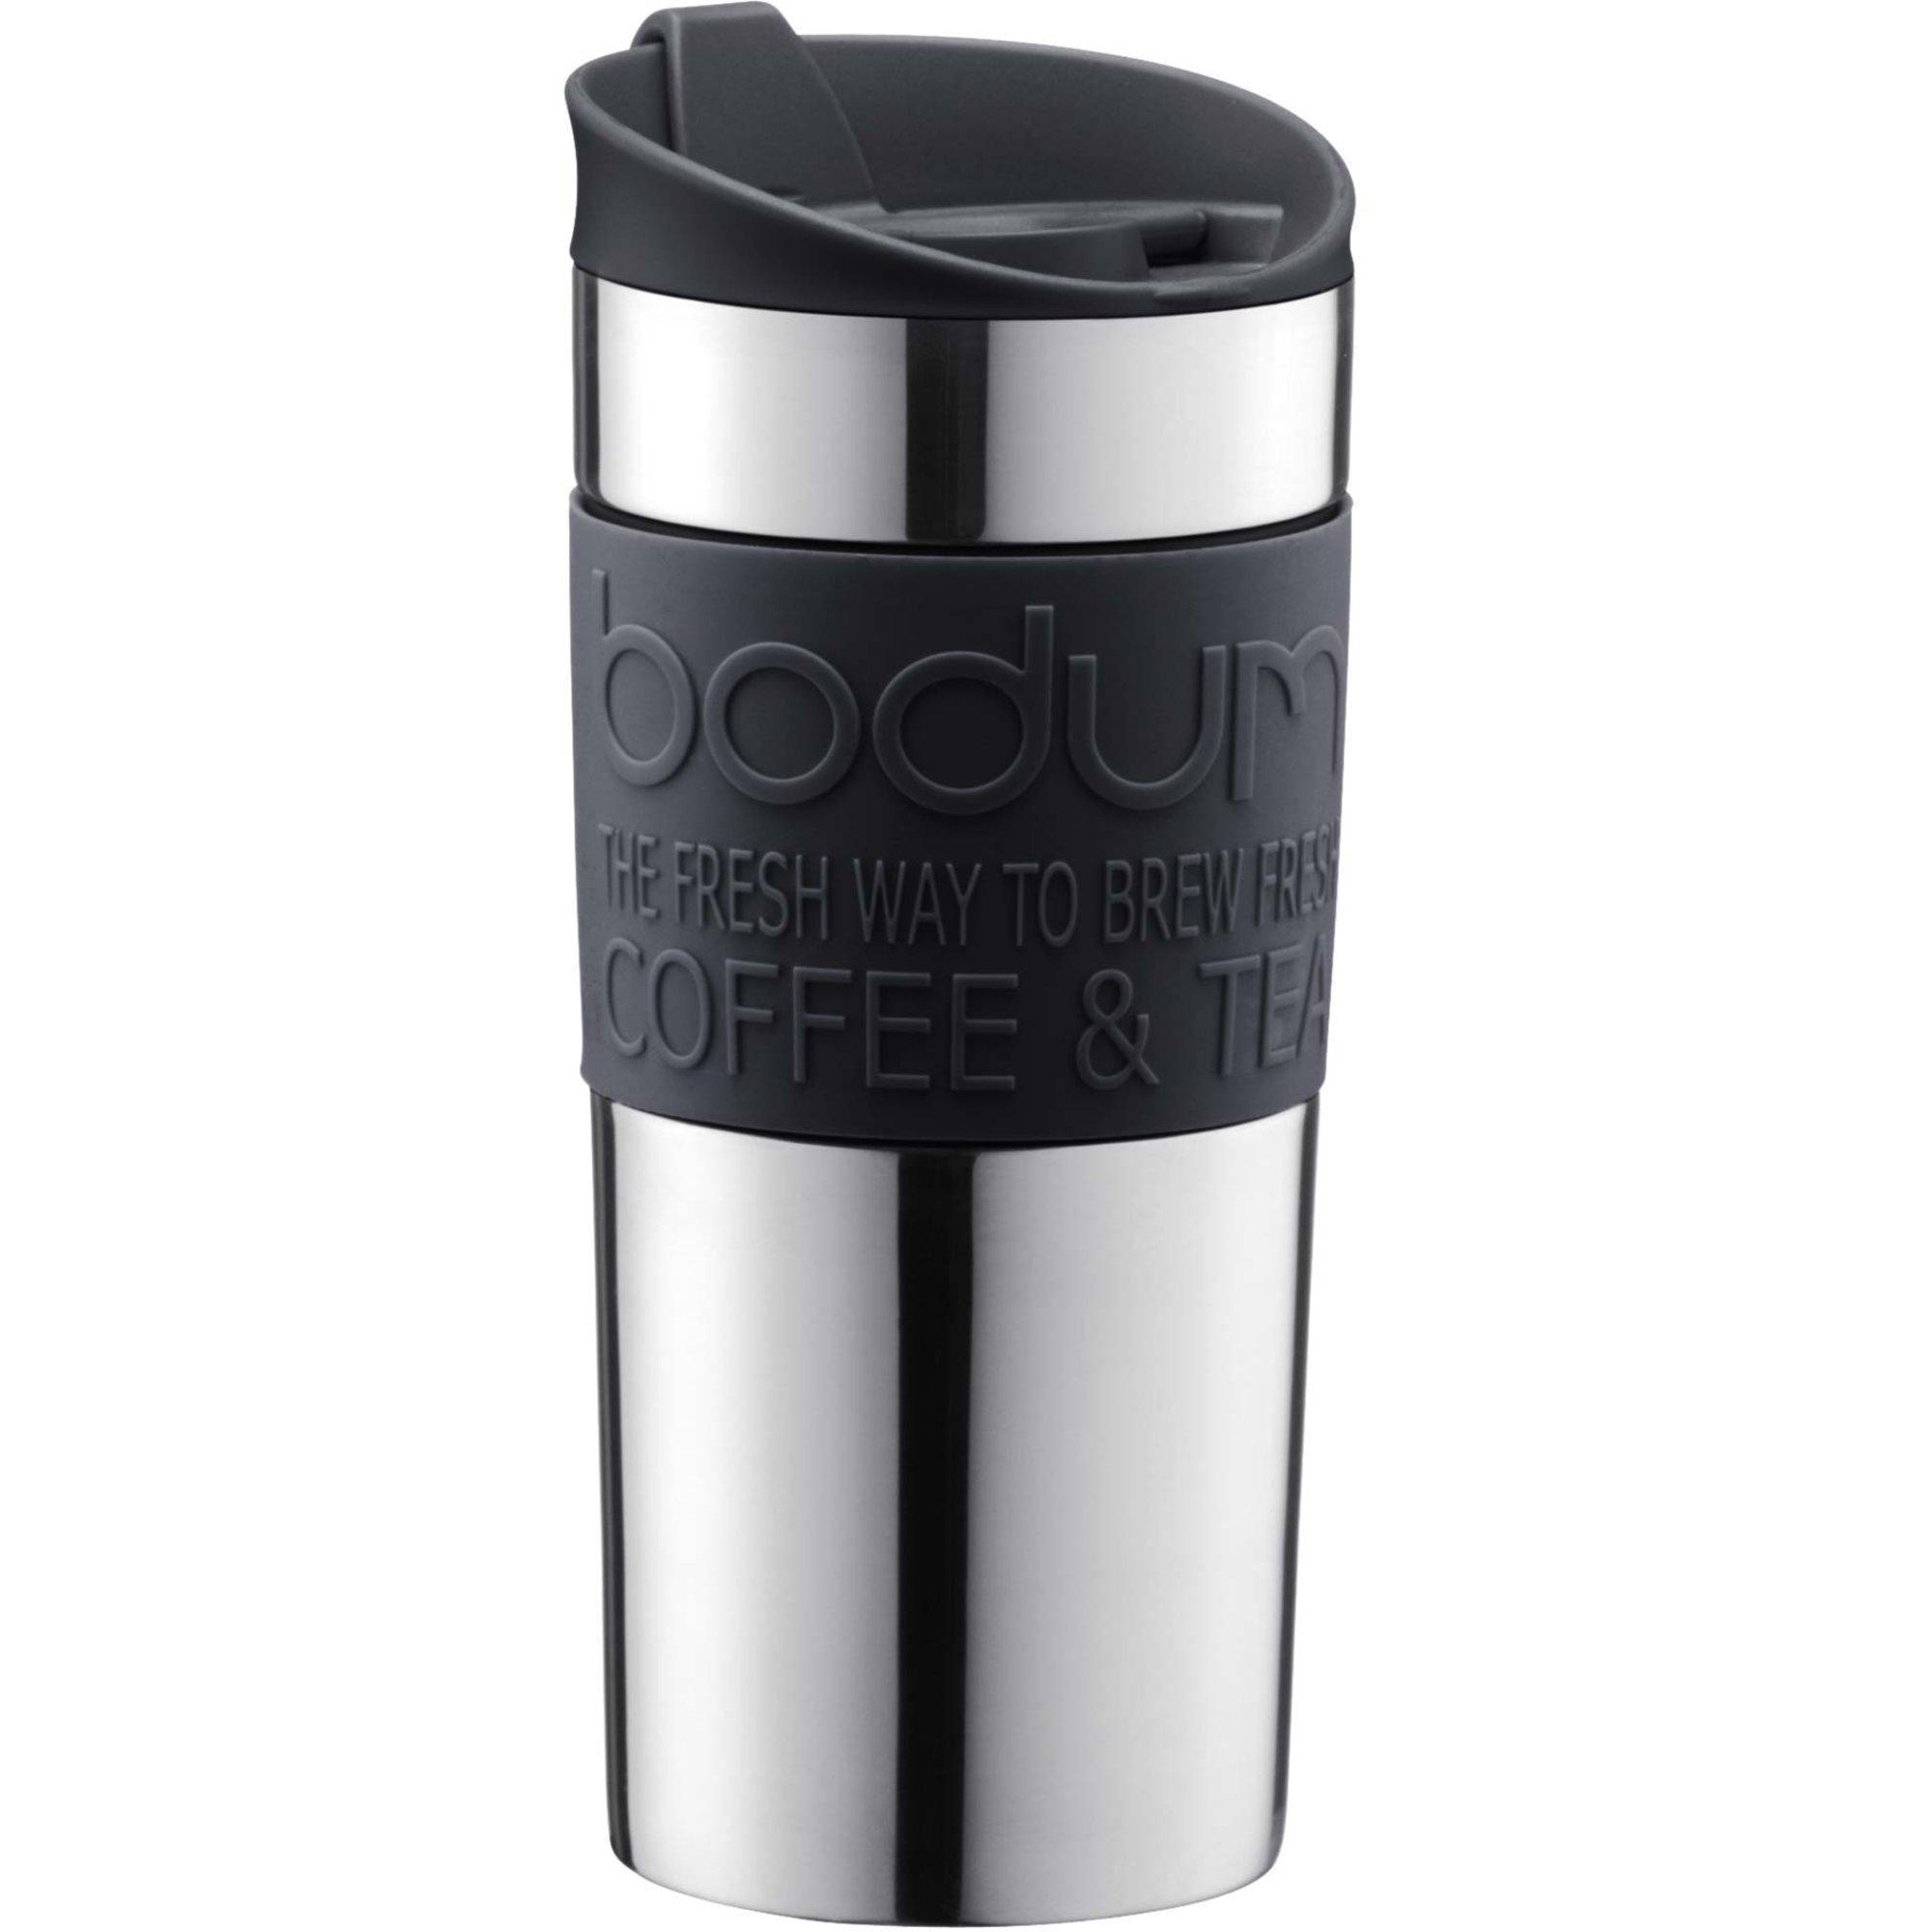 Bodum Resemugg 35 cl rostfritt stål/svart